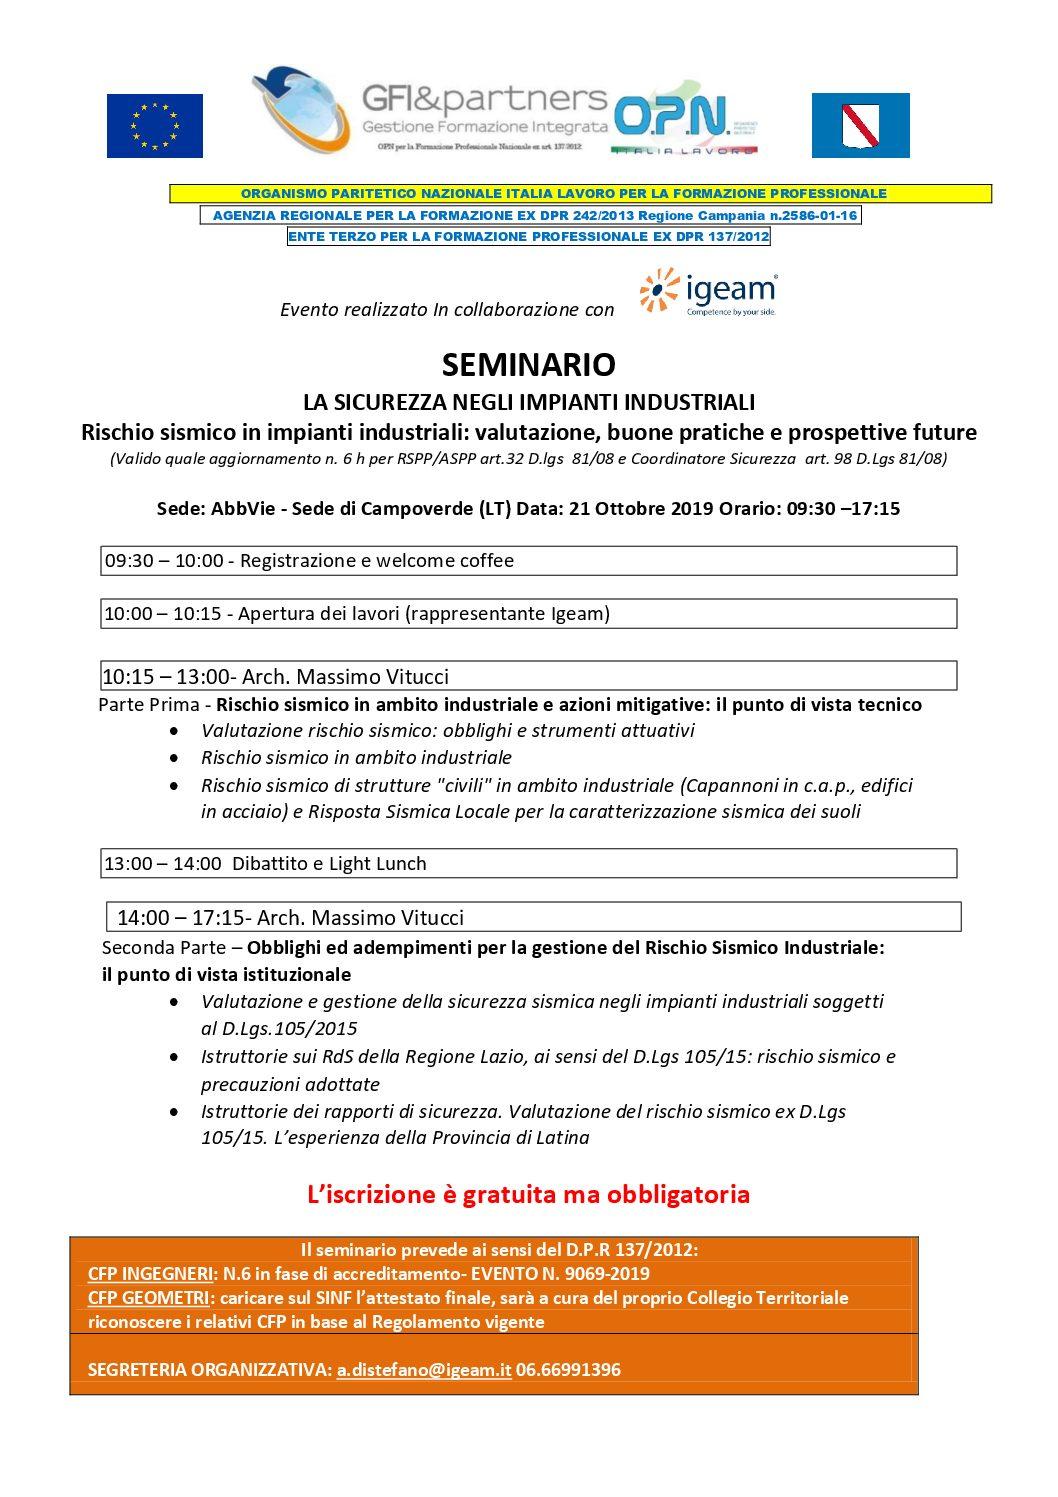 Seminario gratuito con rilascio crediti formativi per Ingegneri e Geometri- 21 ottobre 2019